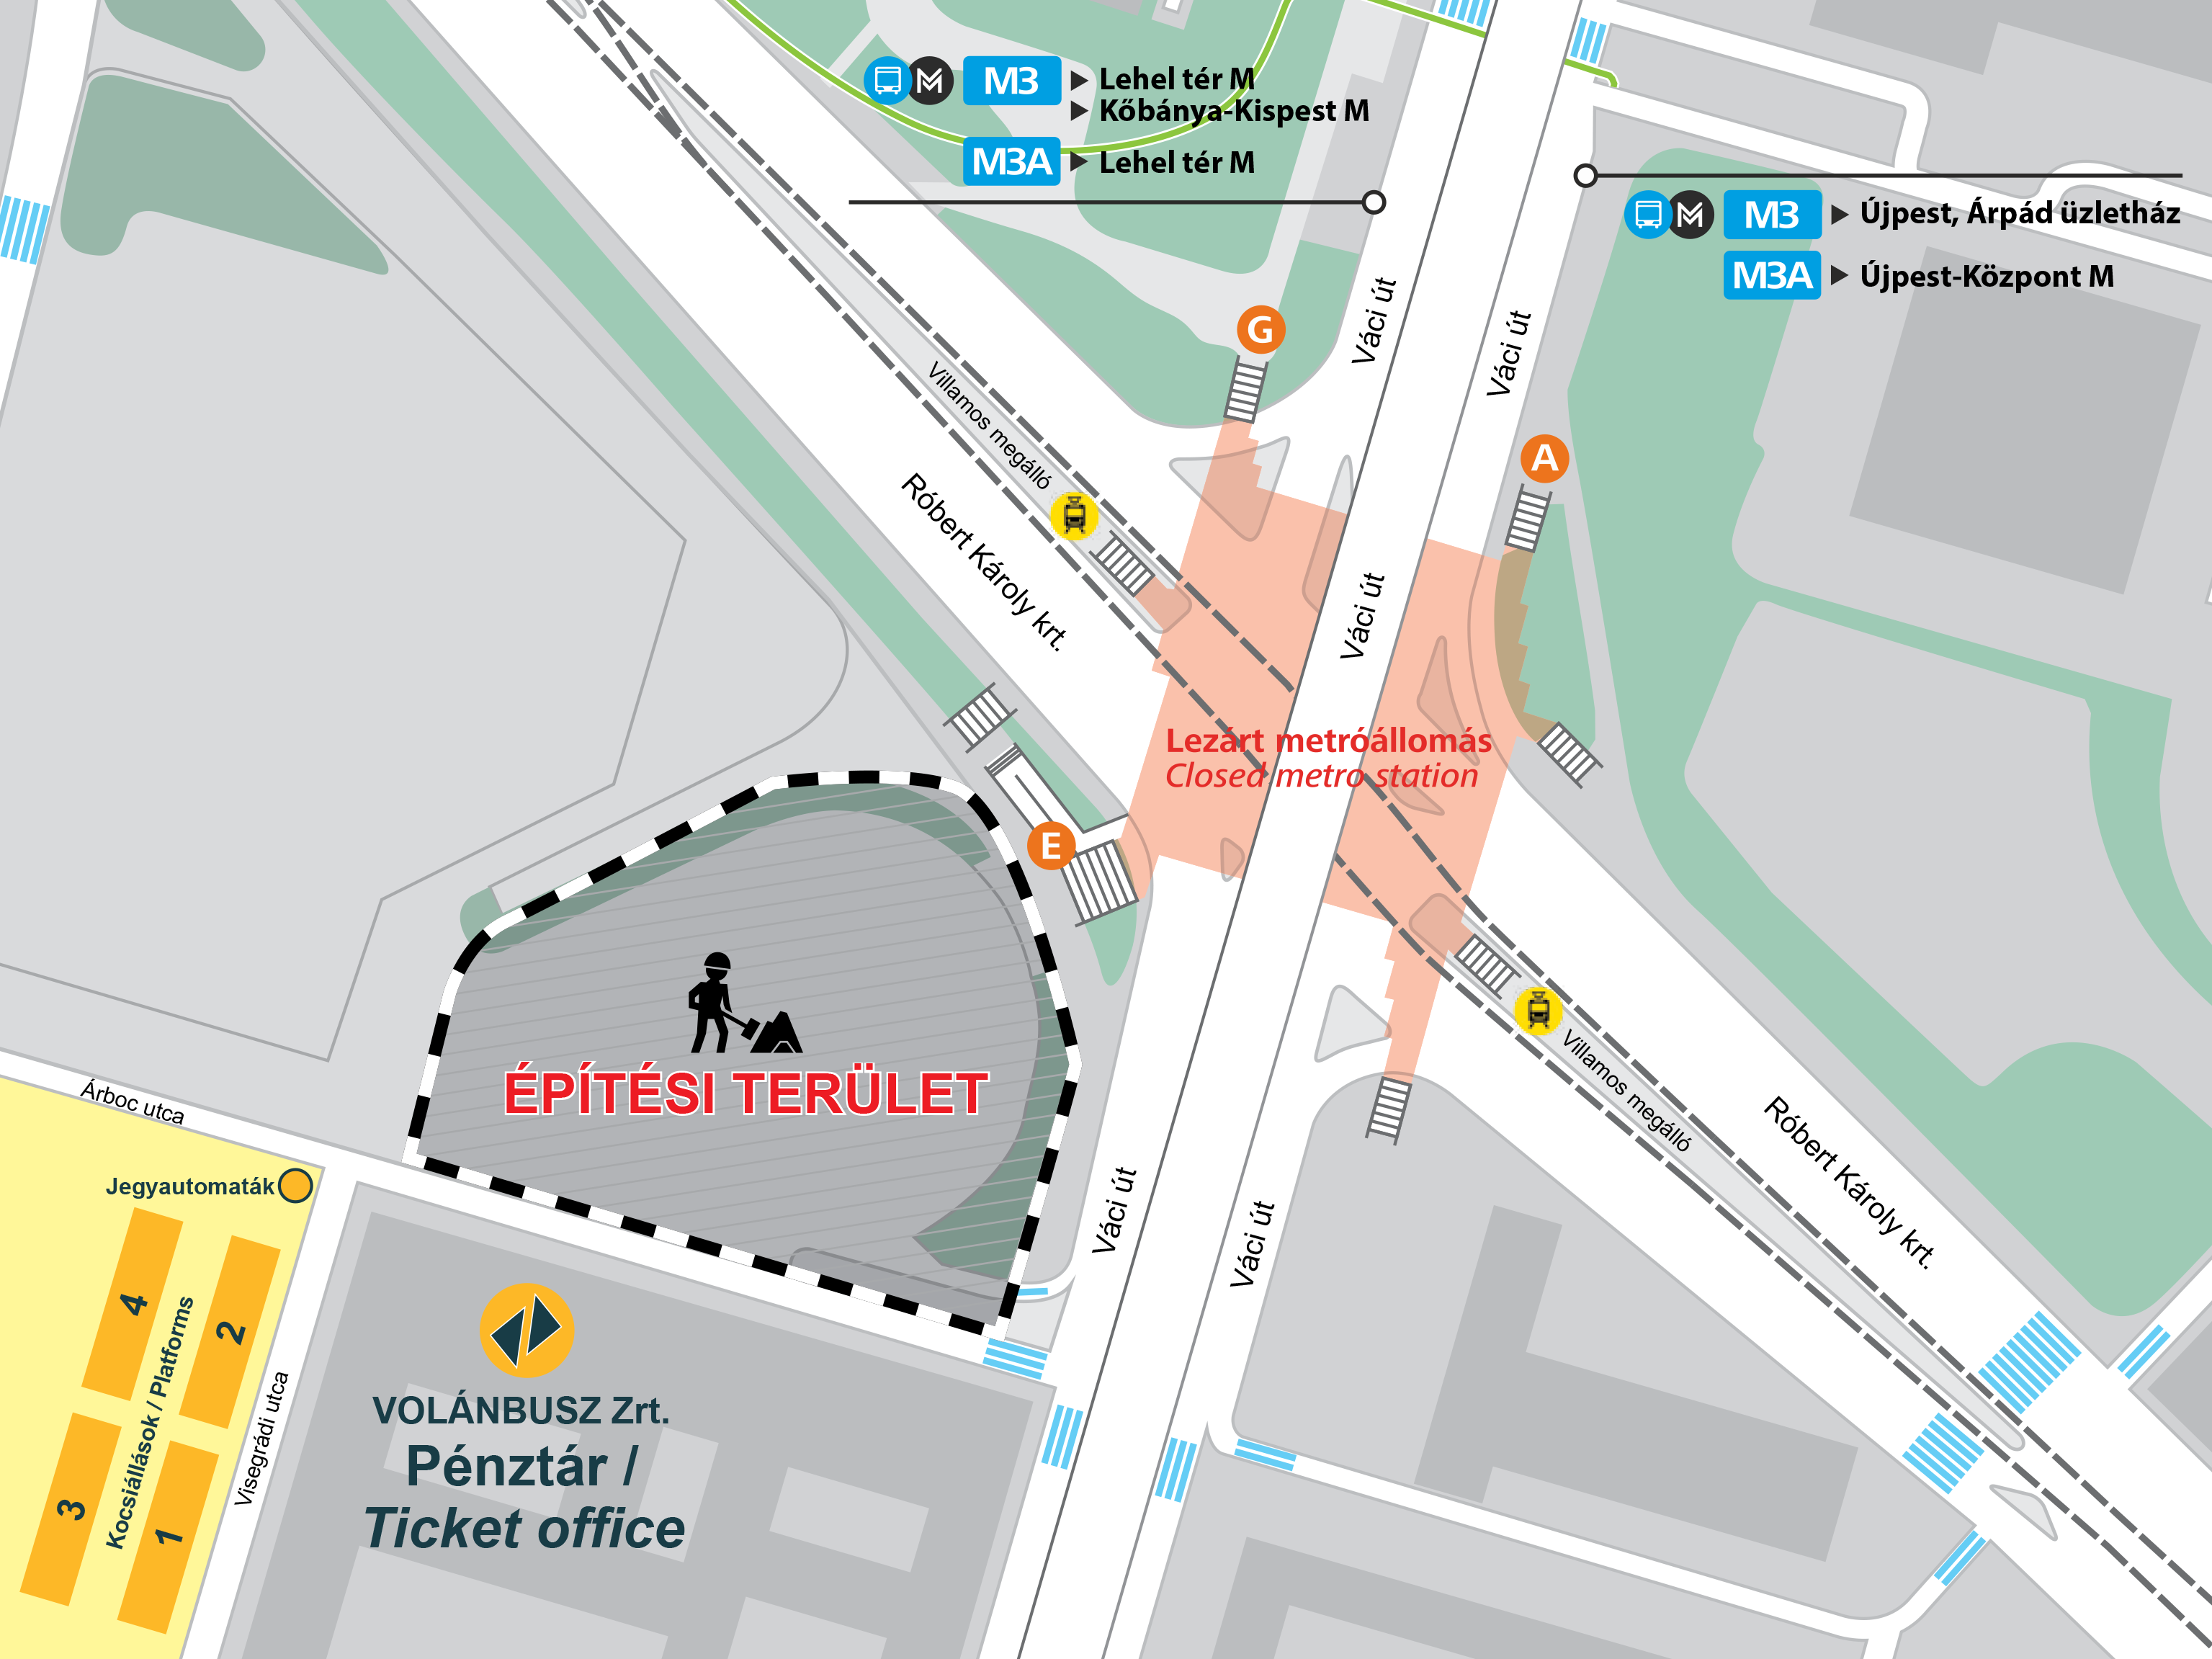 budapest szolgáltatások térkép Budapest   Utazási információk budapest szolgáltatások térkép